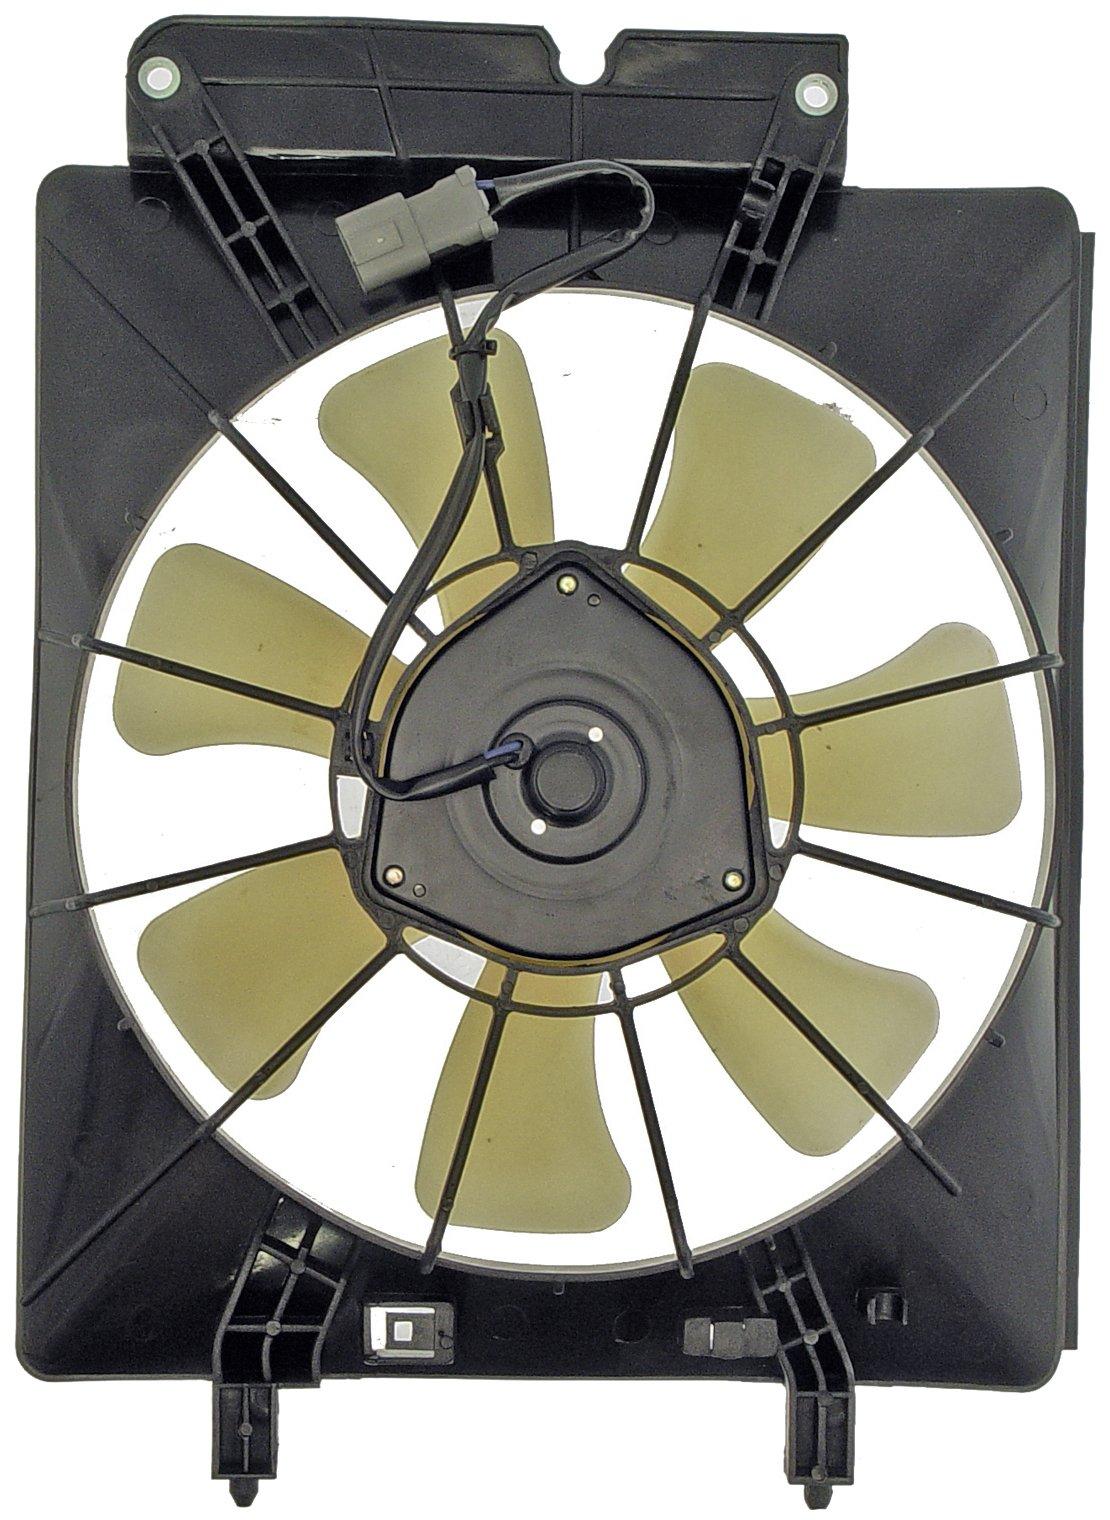 Dorman 620-233 Radiator Fan Assembly